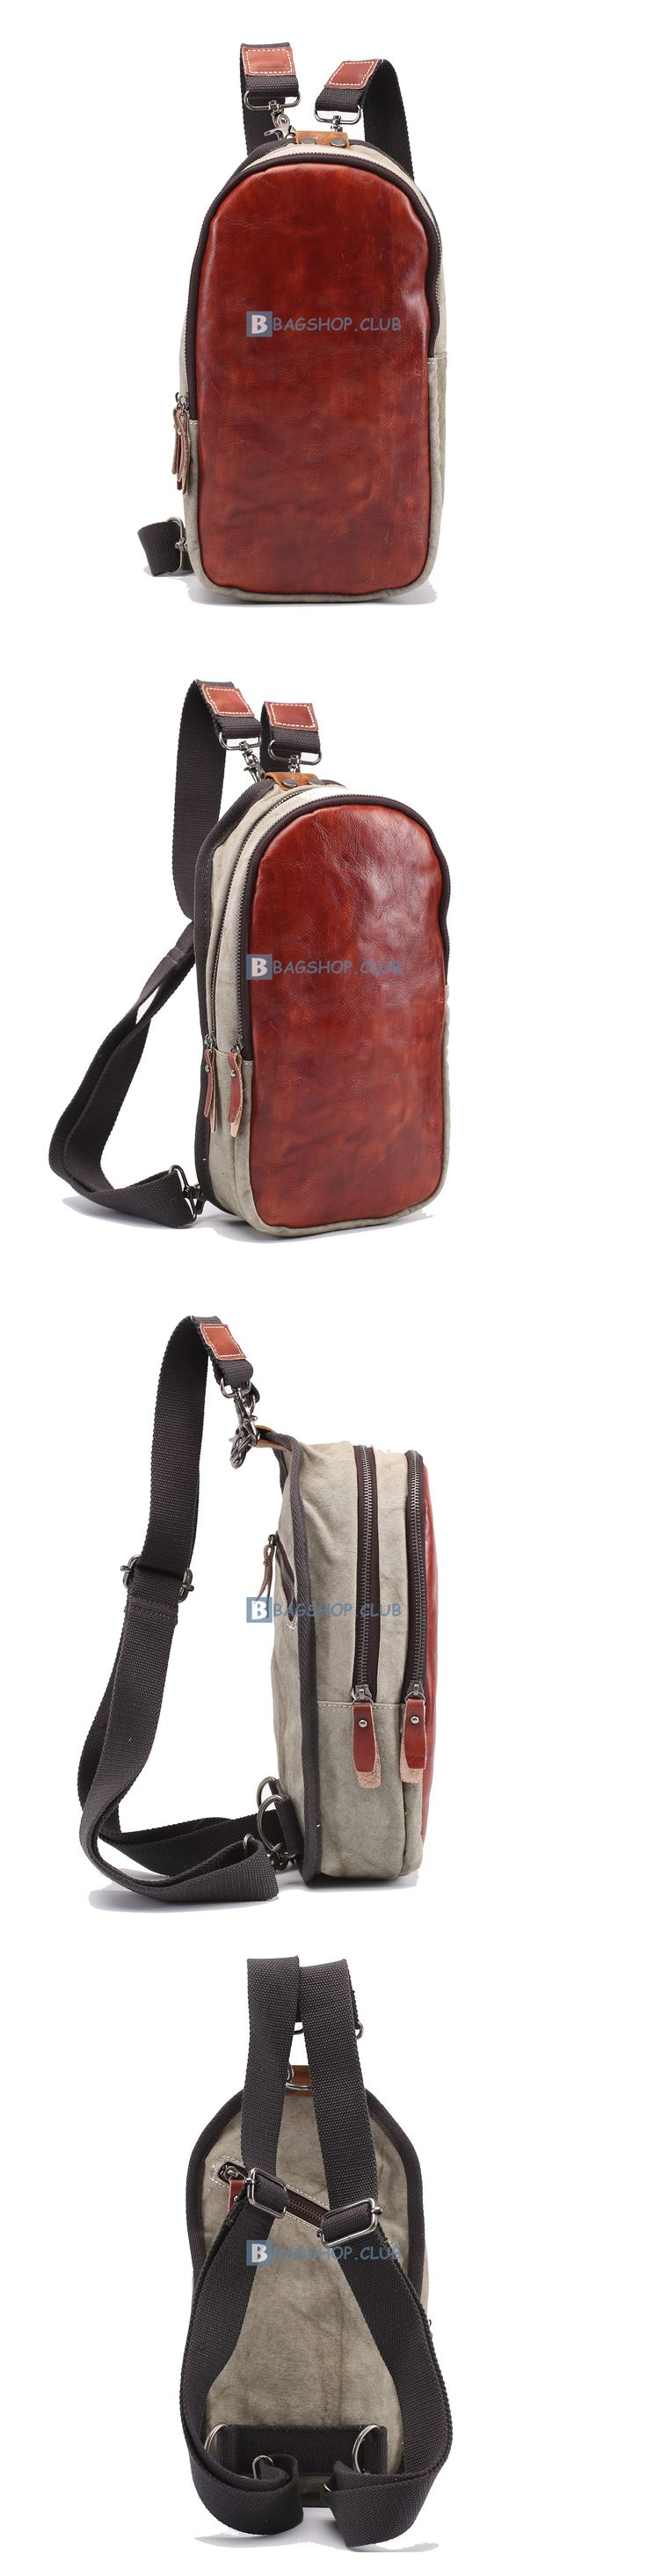 Laptop bags korea -  63 69 Small Leather Backpacks Waterproof Laptop Backpack